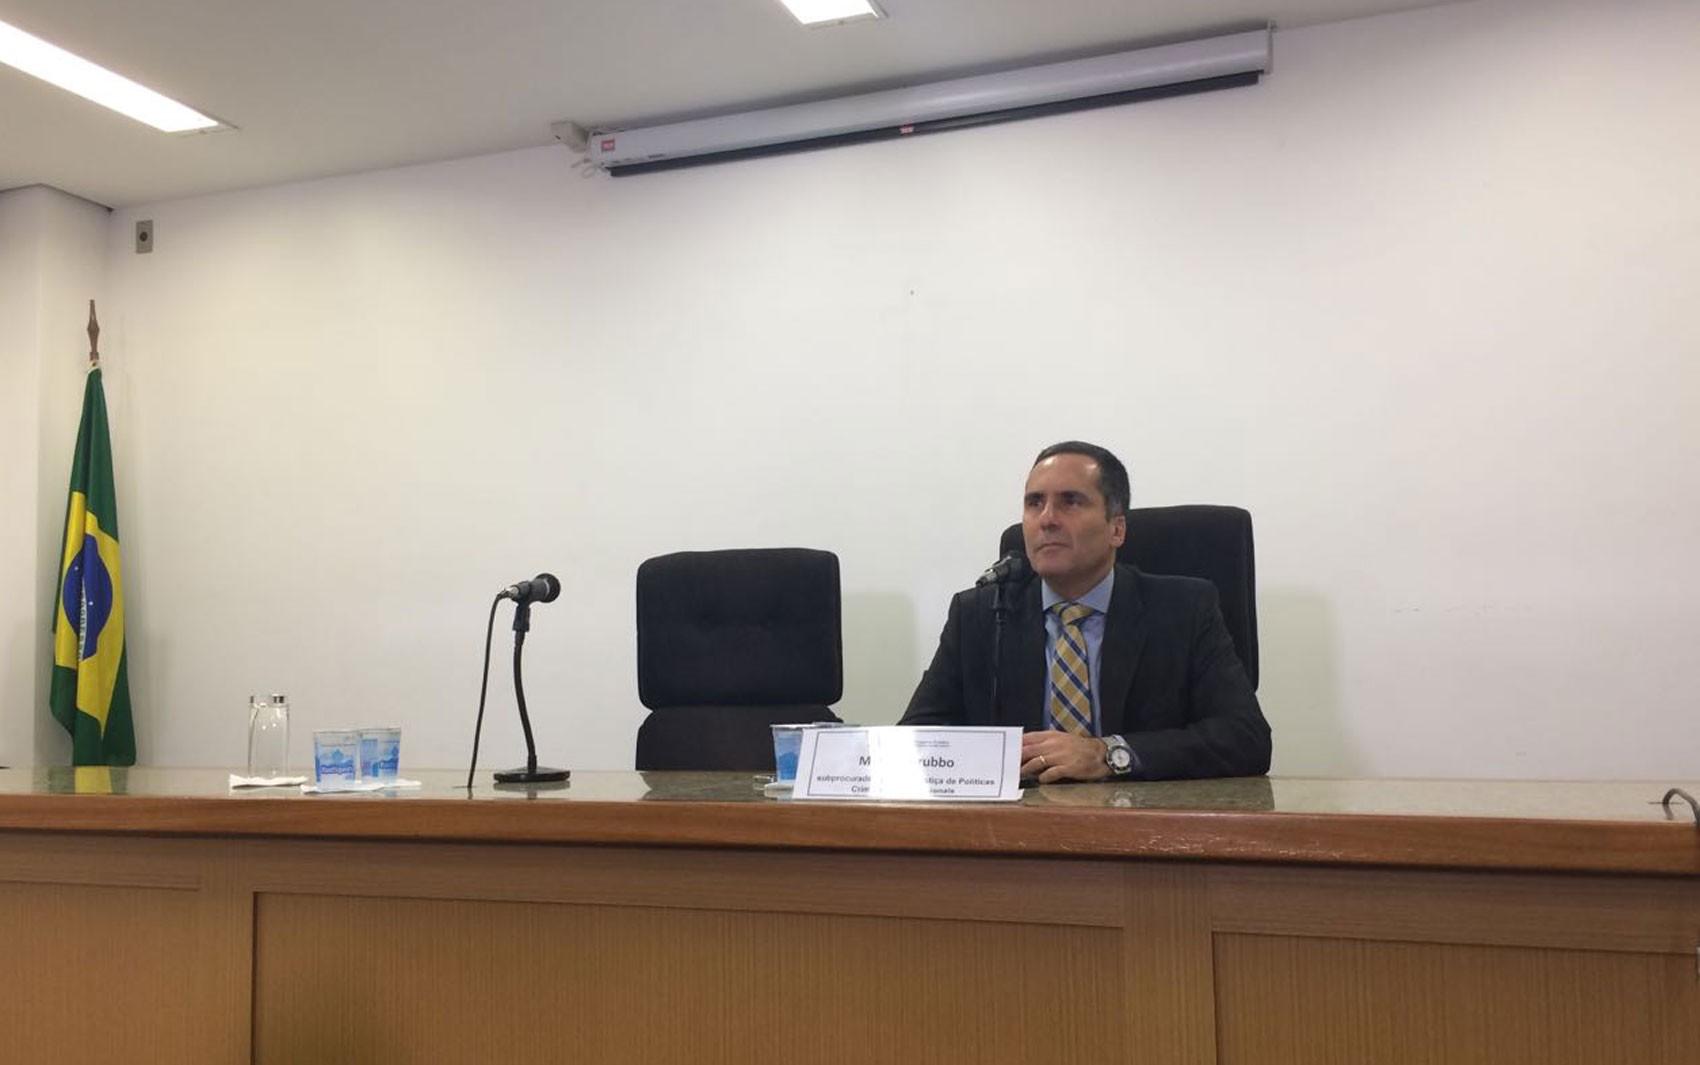 Doria escolhe Mário Sarrubbo como novo procurador-geral de Justiça do estado de SP